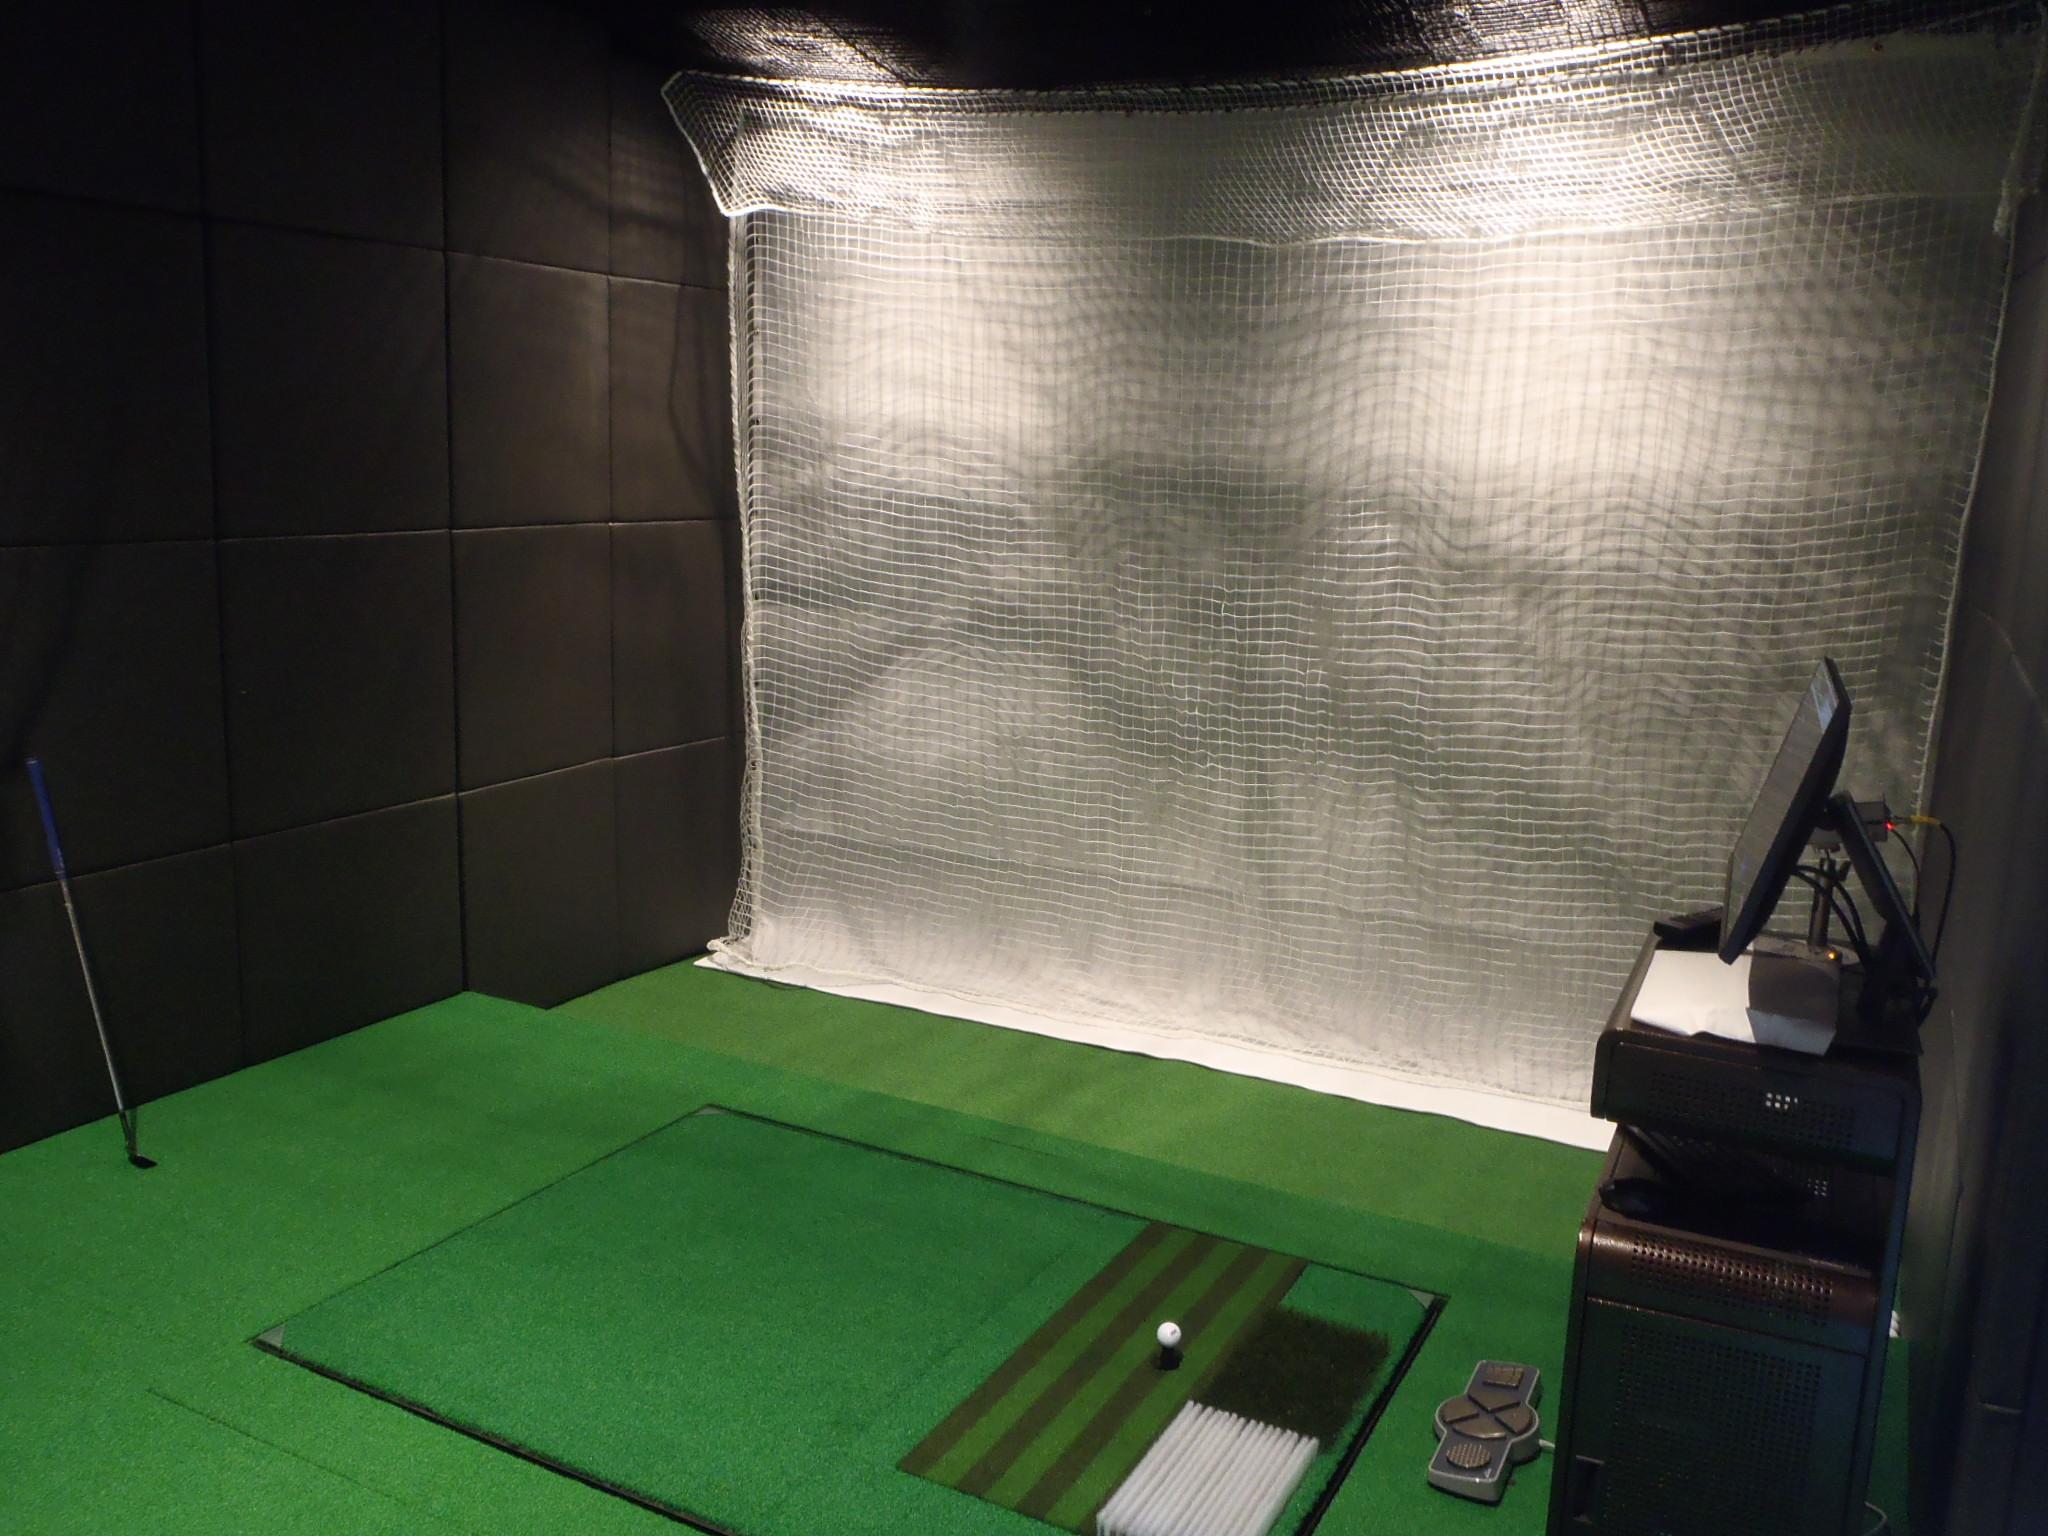 インドアゴルフネット工事 image2